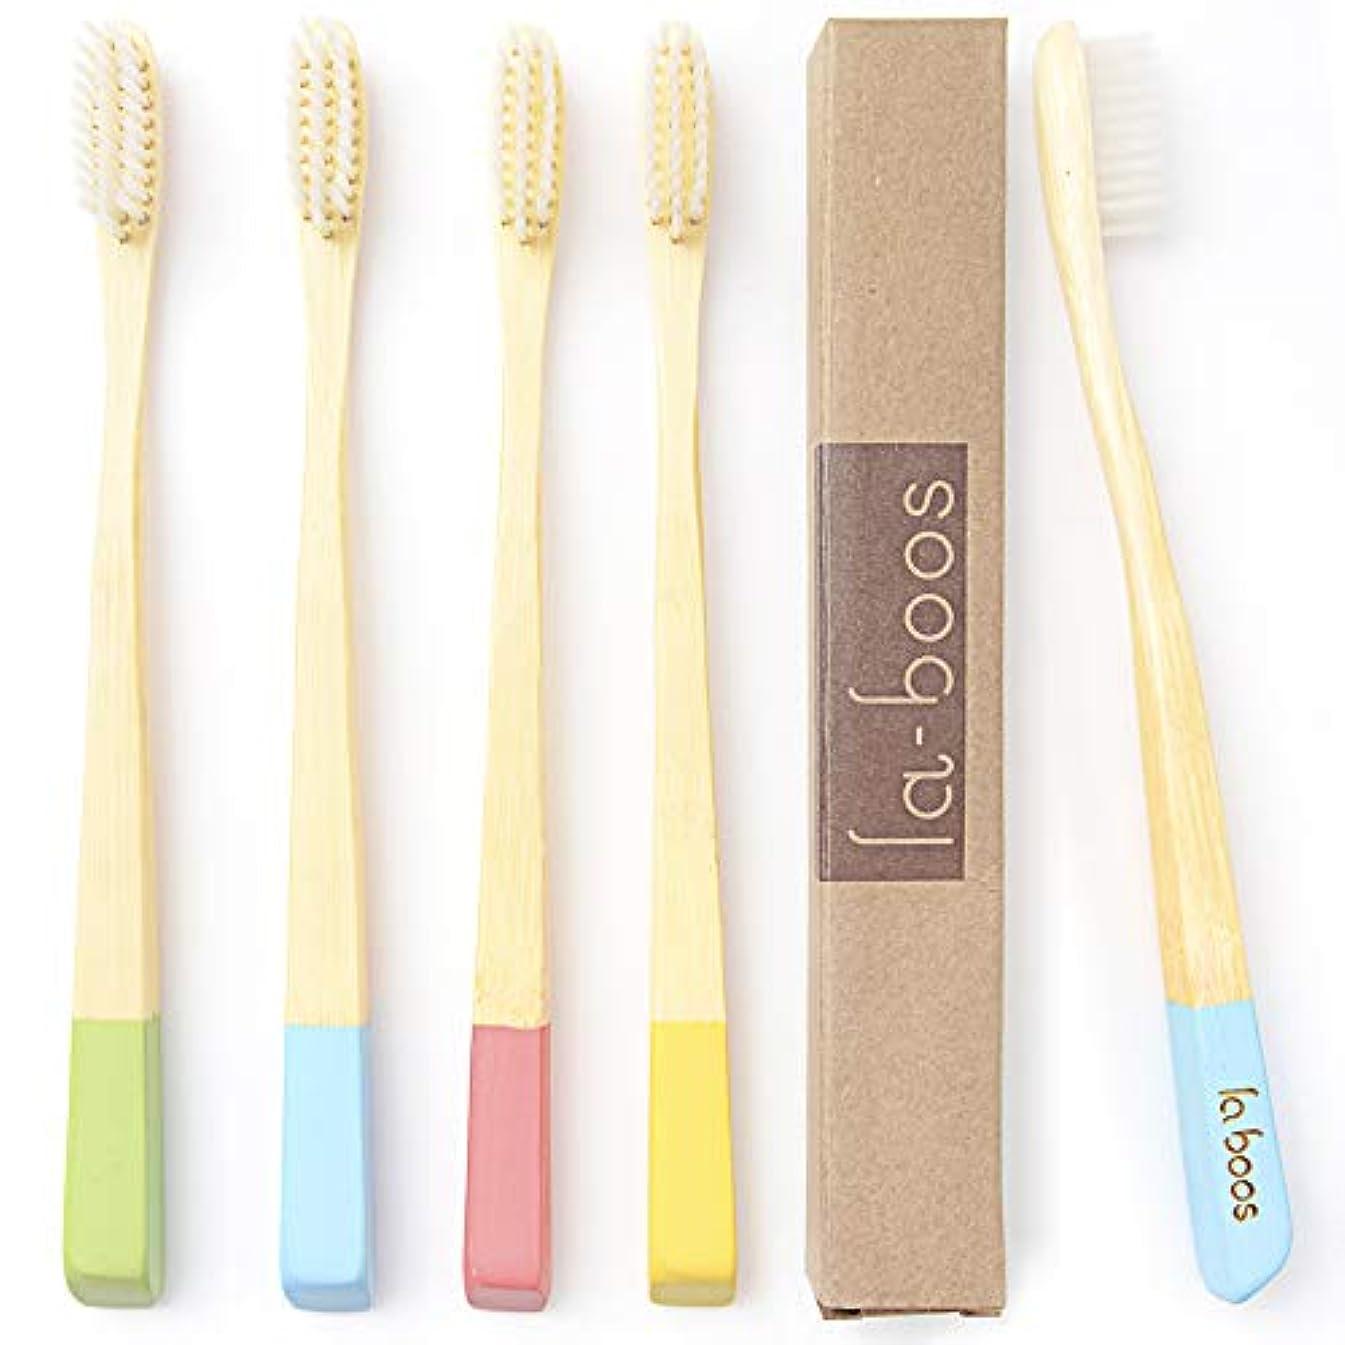 れる高く距離大人用竹の歯ブラシ ナイロン毛 環境保護の歯ブラシ【台湾製】(4本入りセット)I By laboos